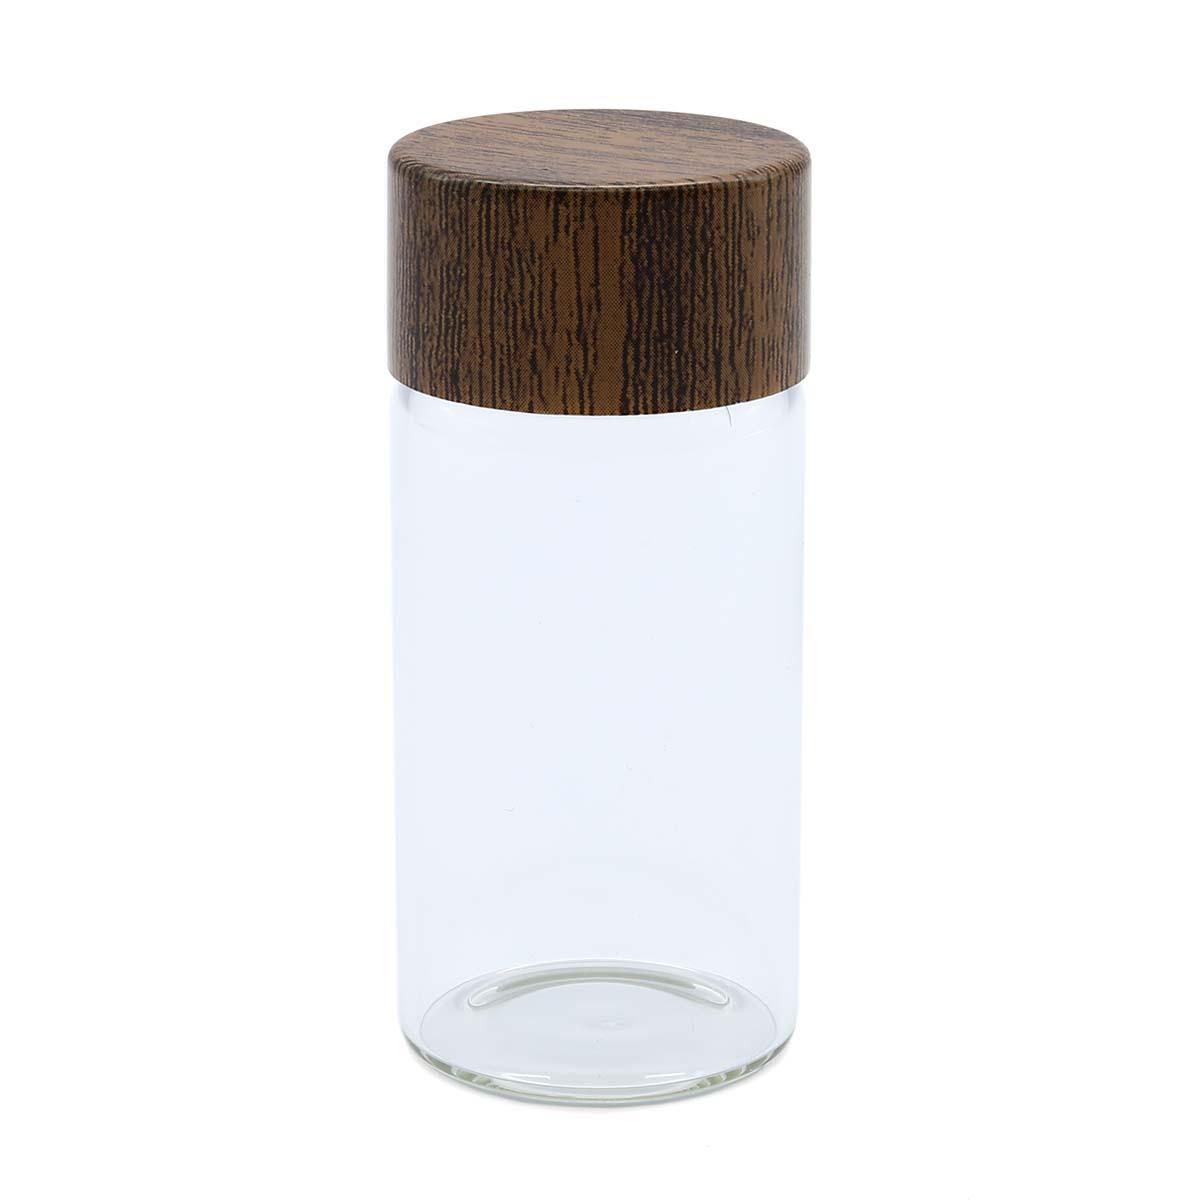 AR1328 Бутылочка стеклянная с деревянной крышечкой 2,8*3см, 2шт/упак